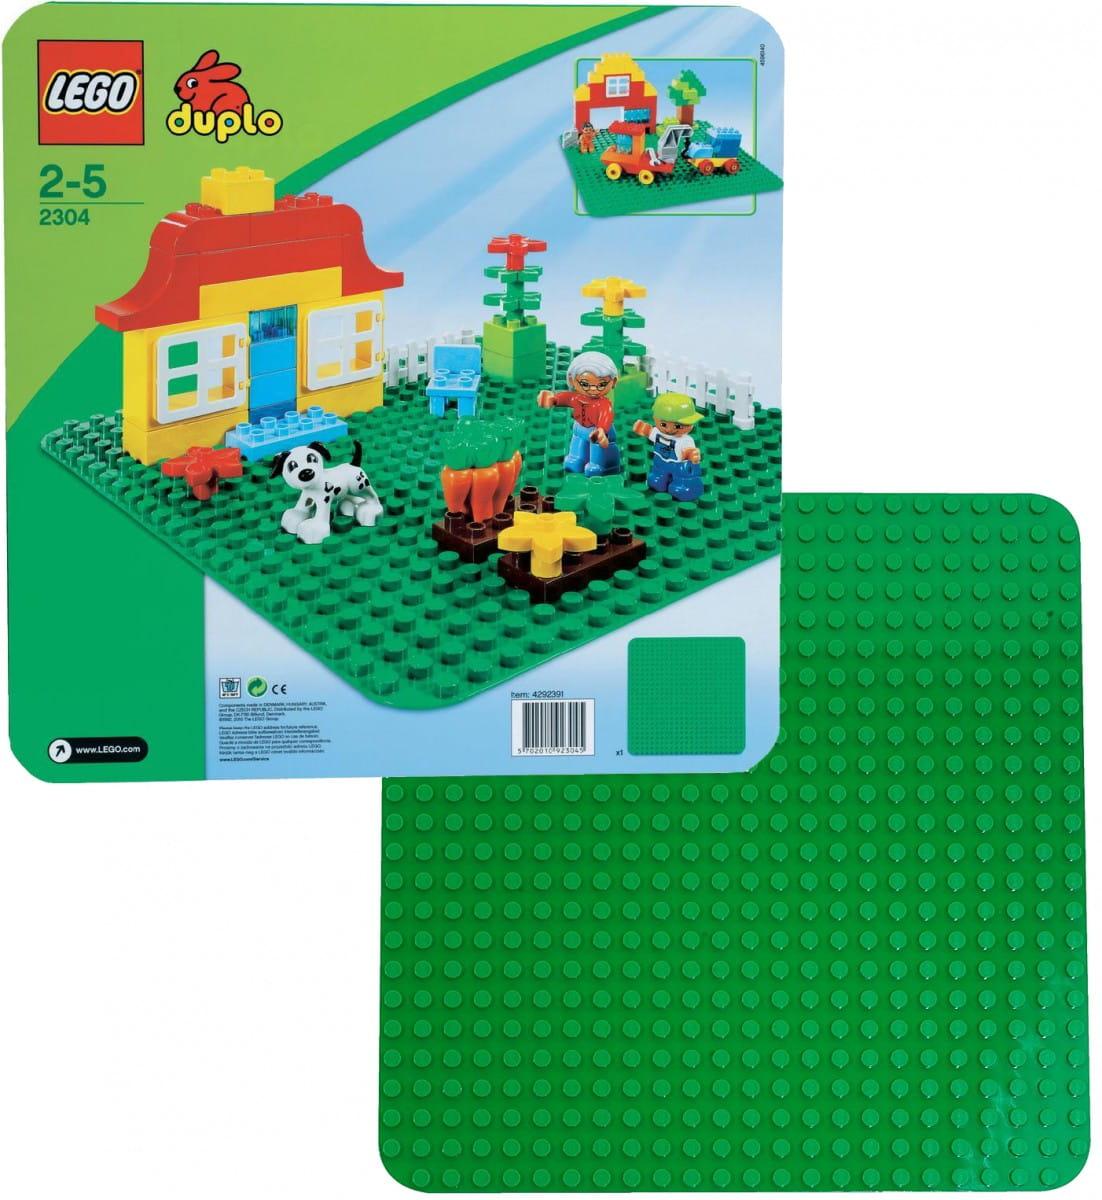 Строительная пластина Lego 2304 Duplo Лего Дупло